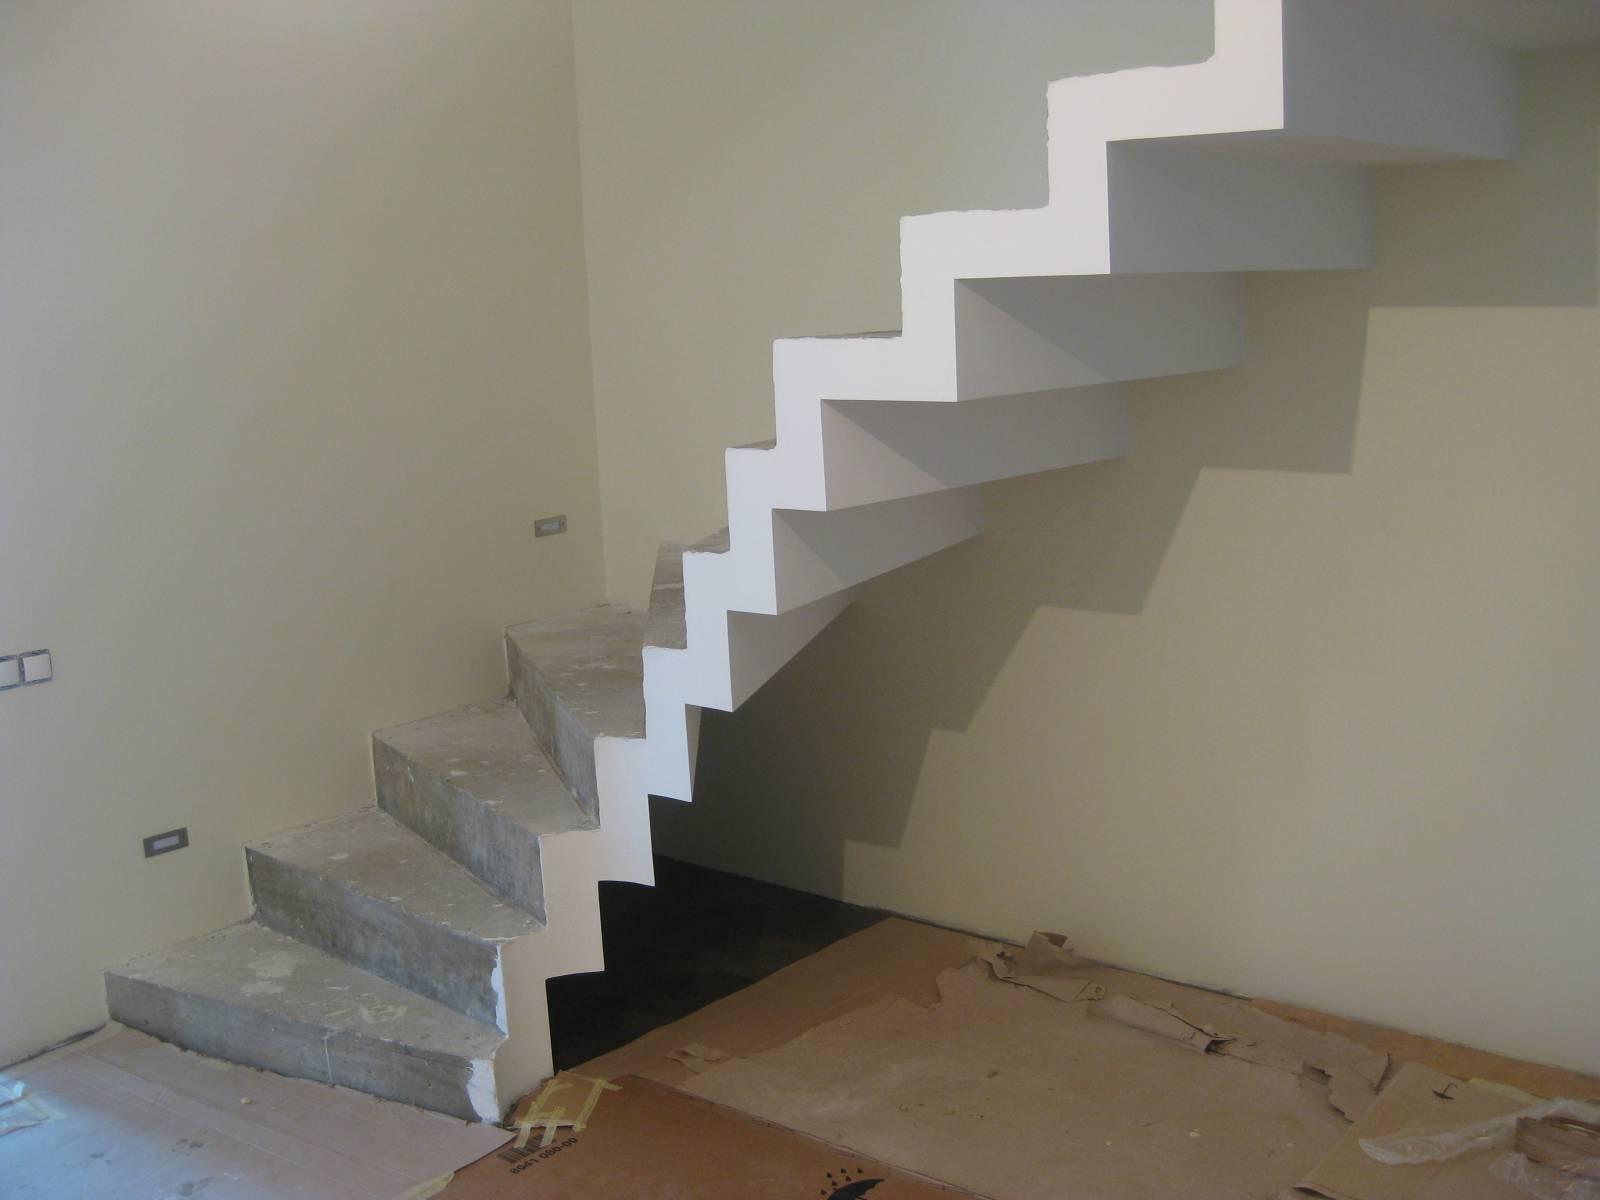 доме лестница бетона из фото в частном